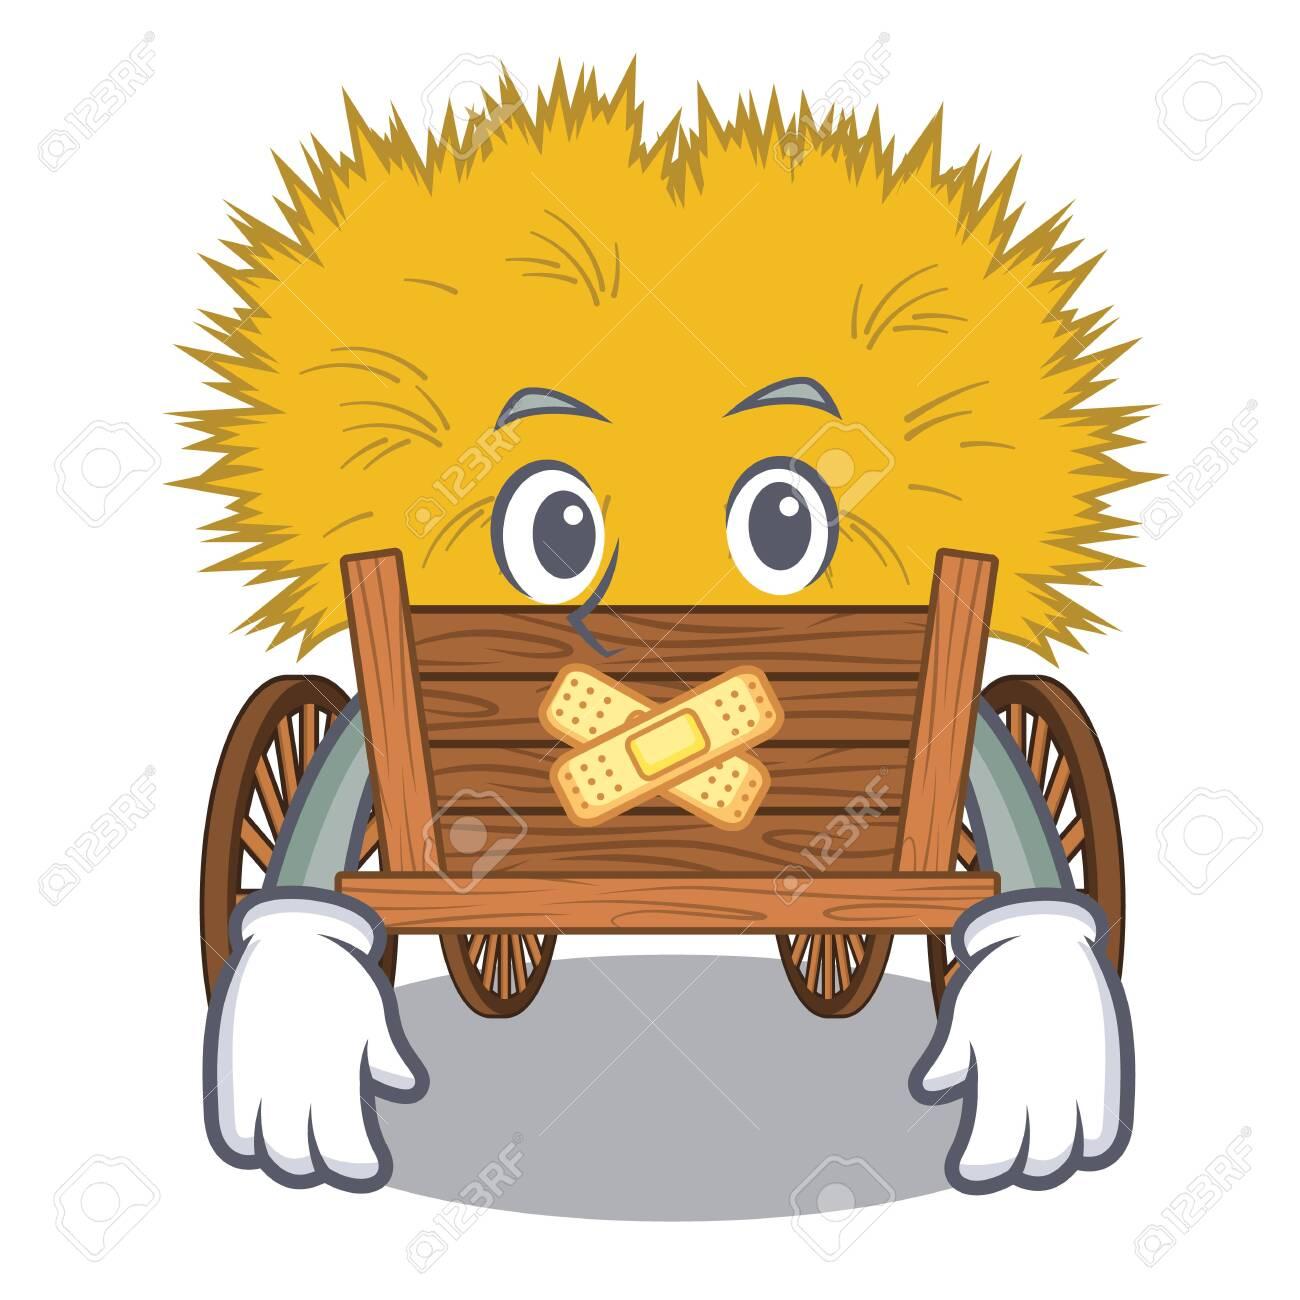 Silent miniature hayride above cartoon wood table - 126429204